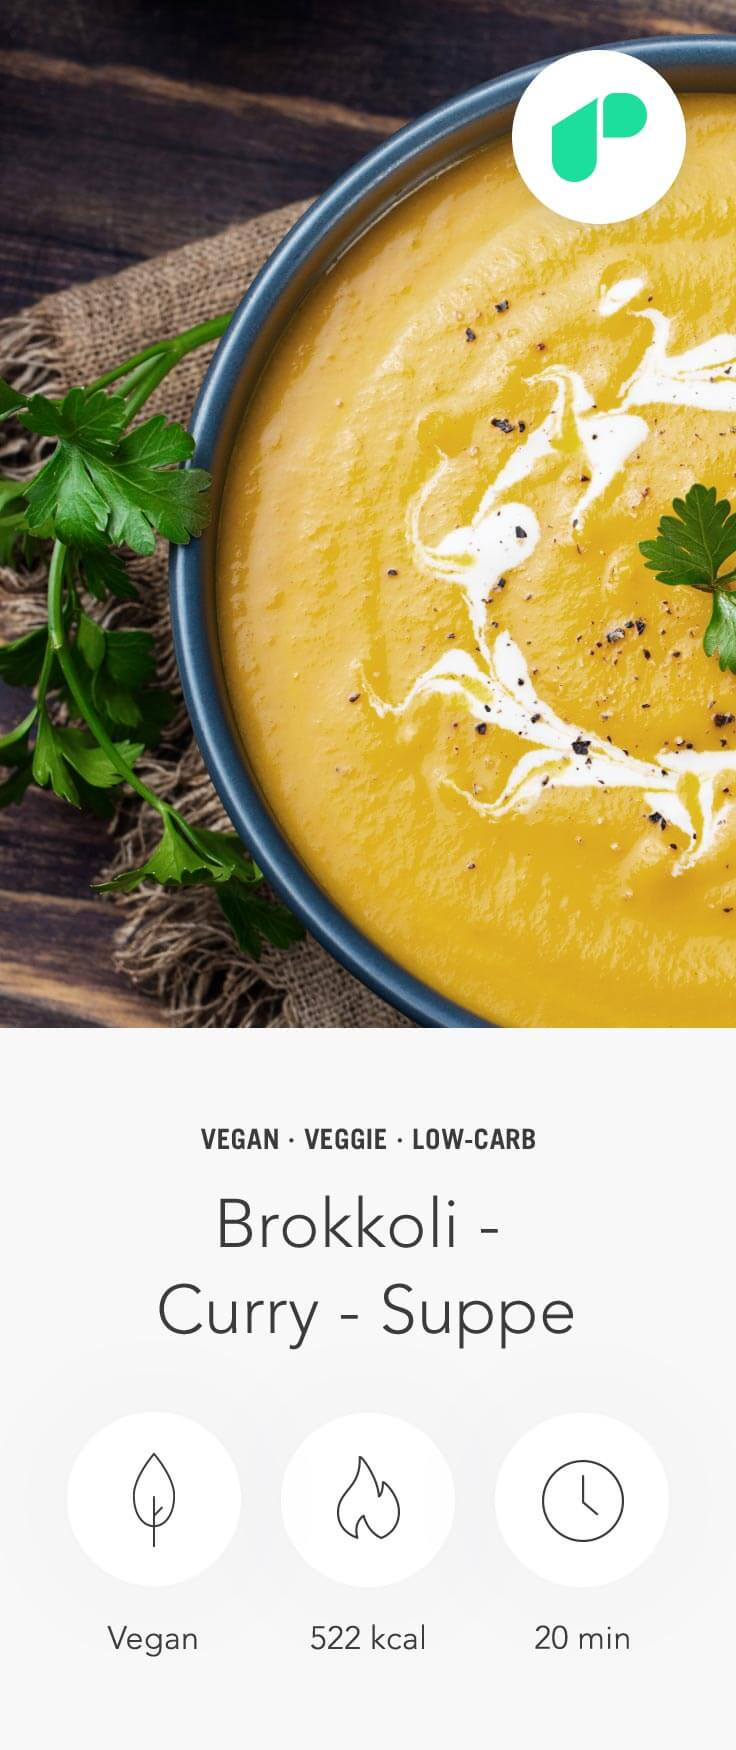 Upfit Brokkoli Curry Suppe